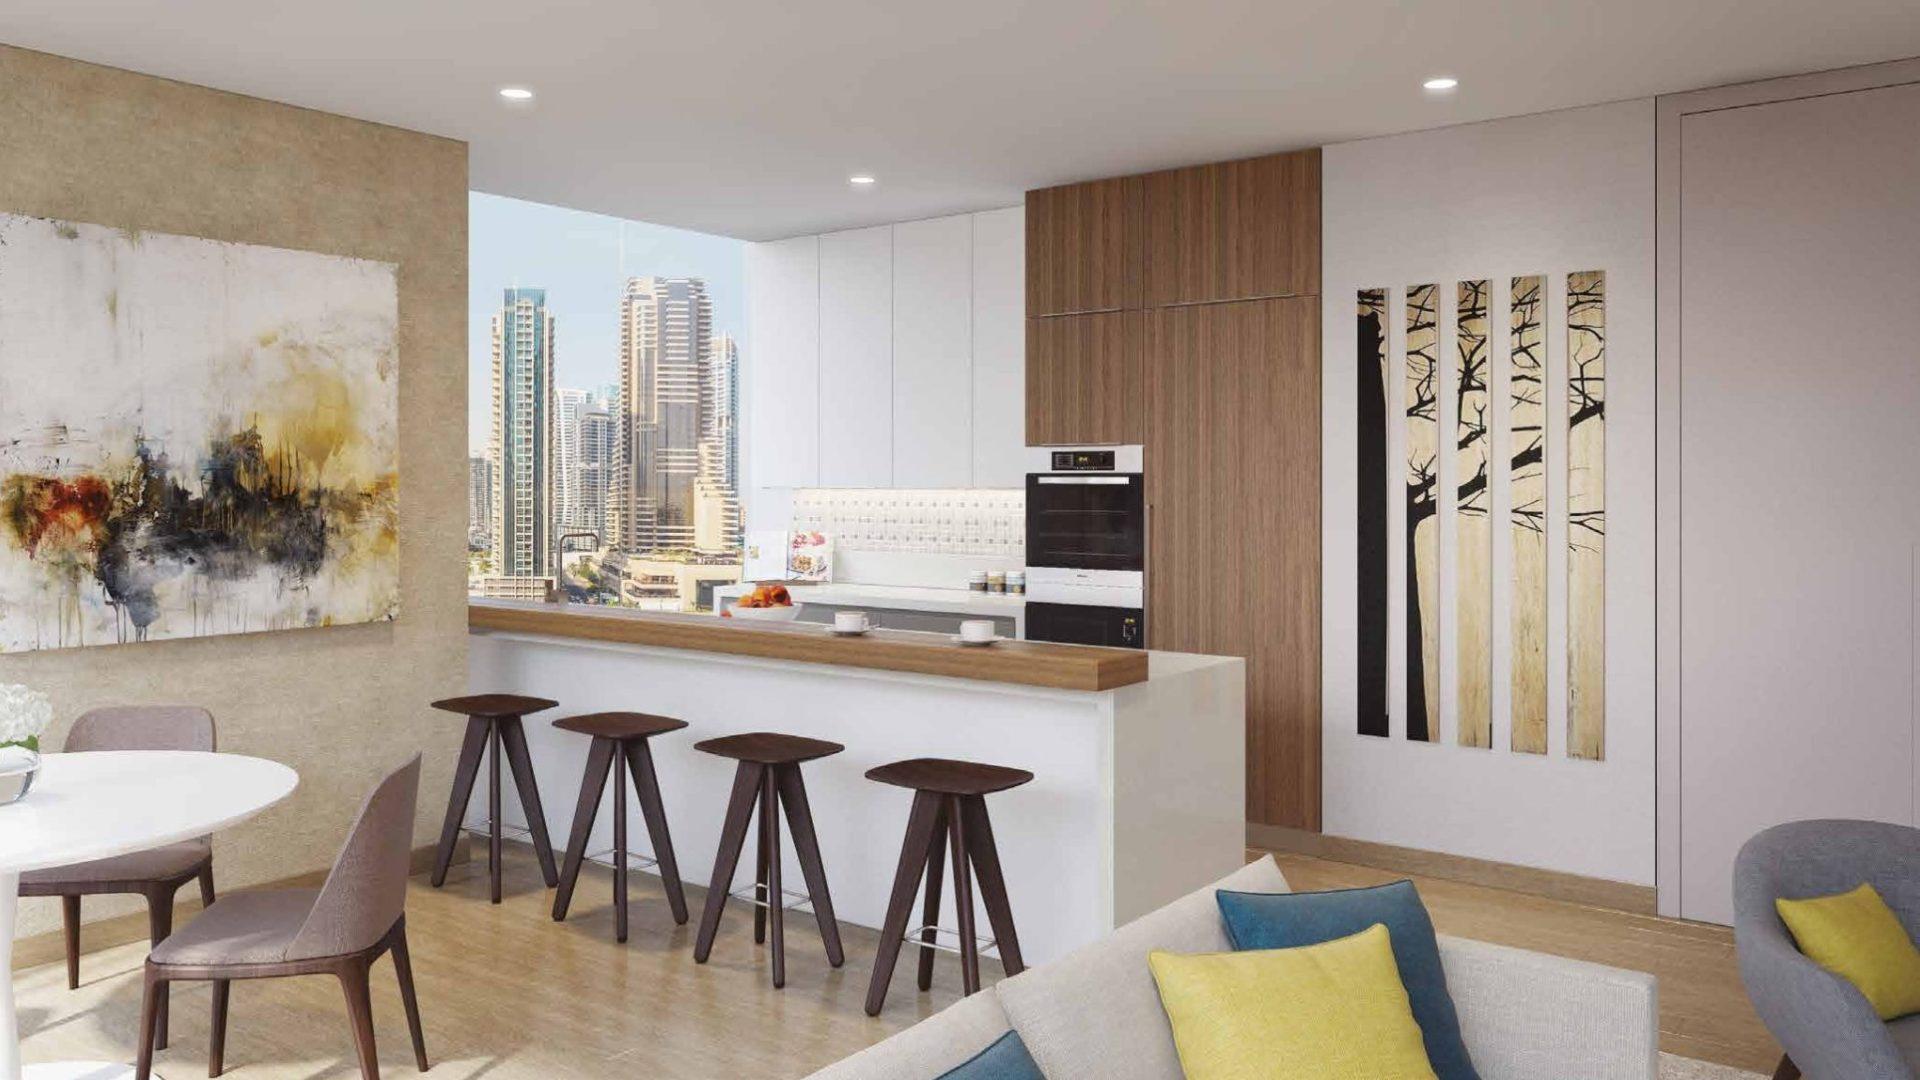 Apartamento en venta en Dubai, EAU, 2 dormitorios, 141 m2, № 24369 – foto 1